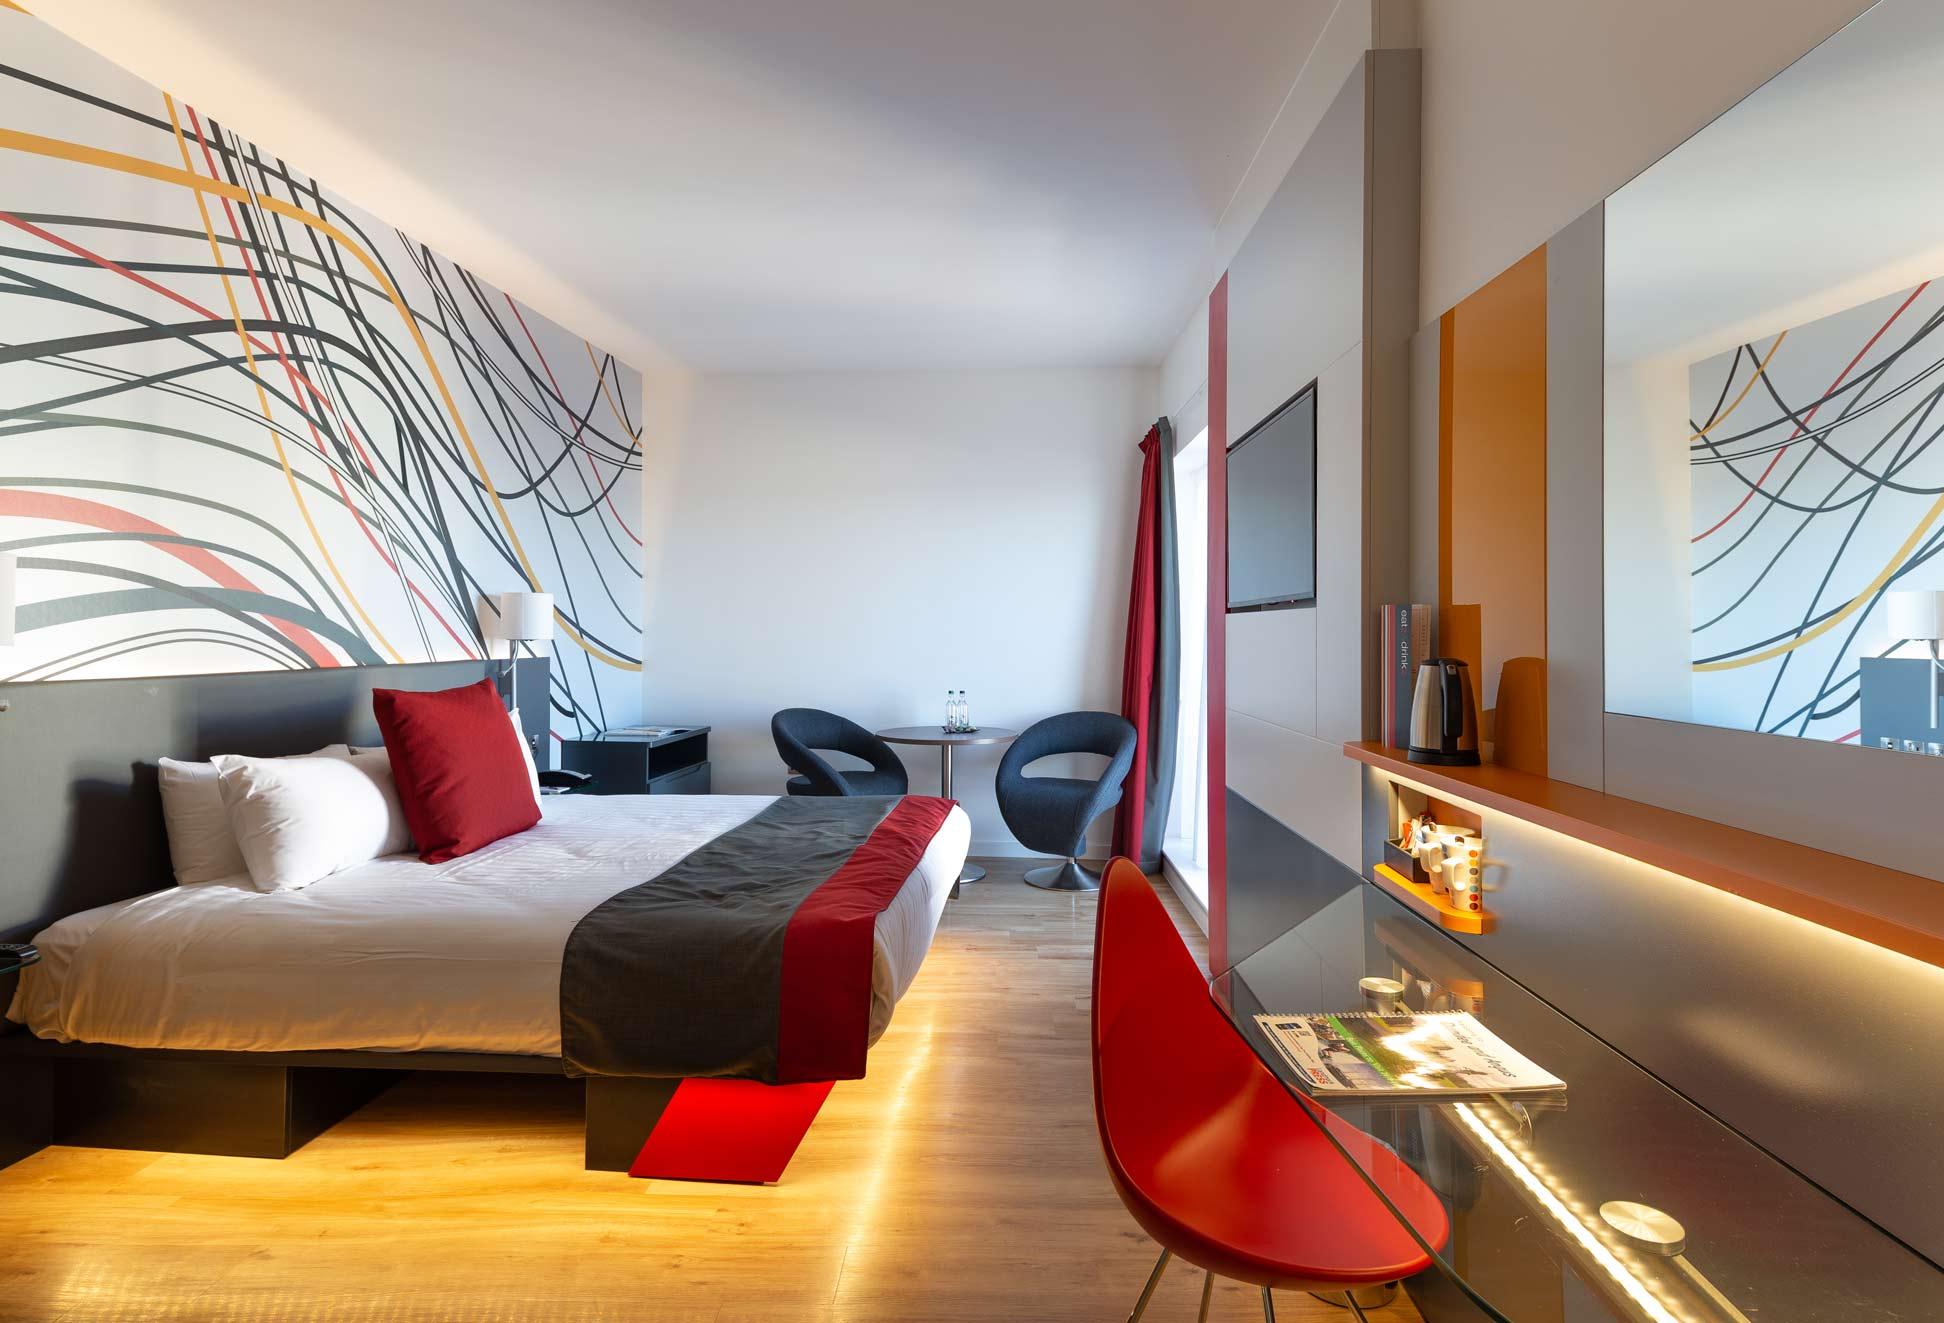 Sleeperz-Hotel-Dundee-Room-539